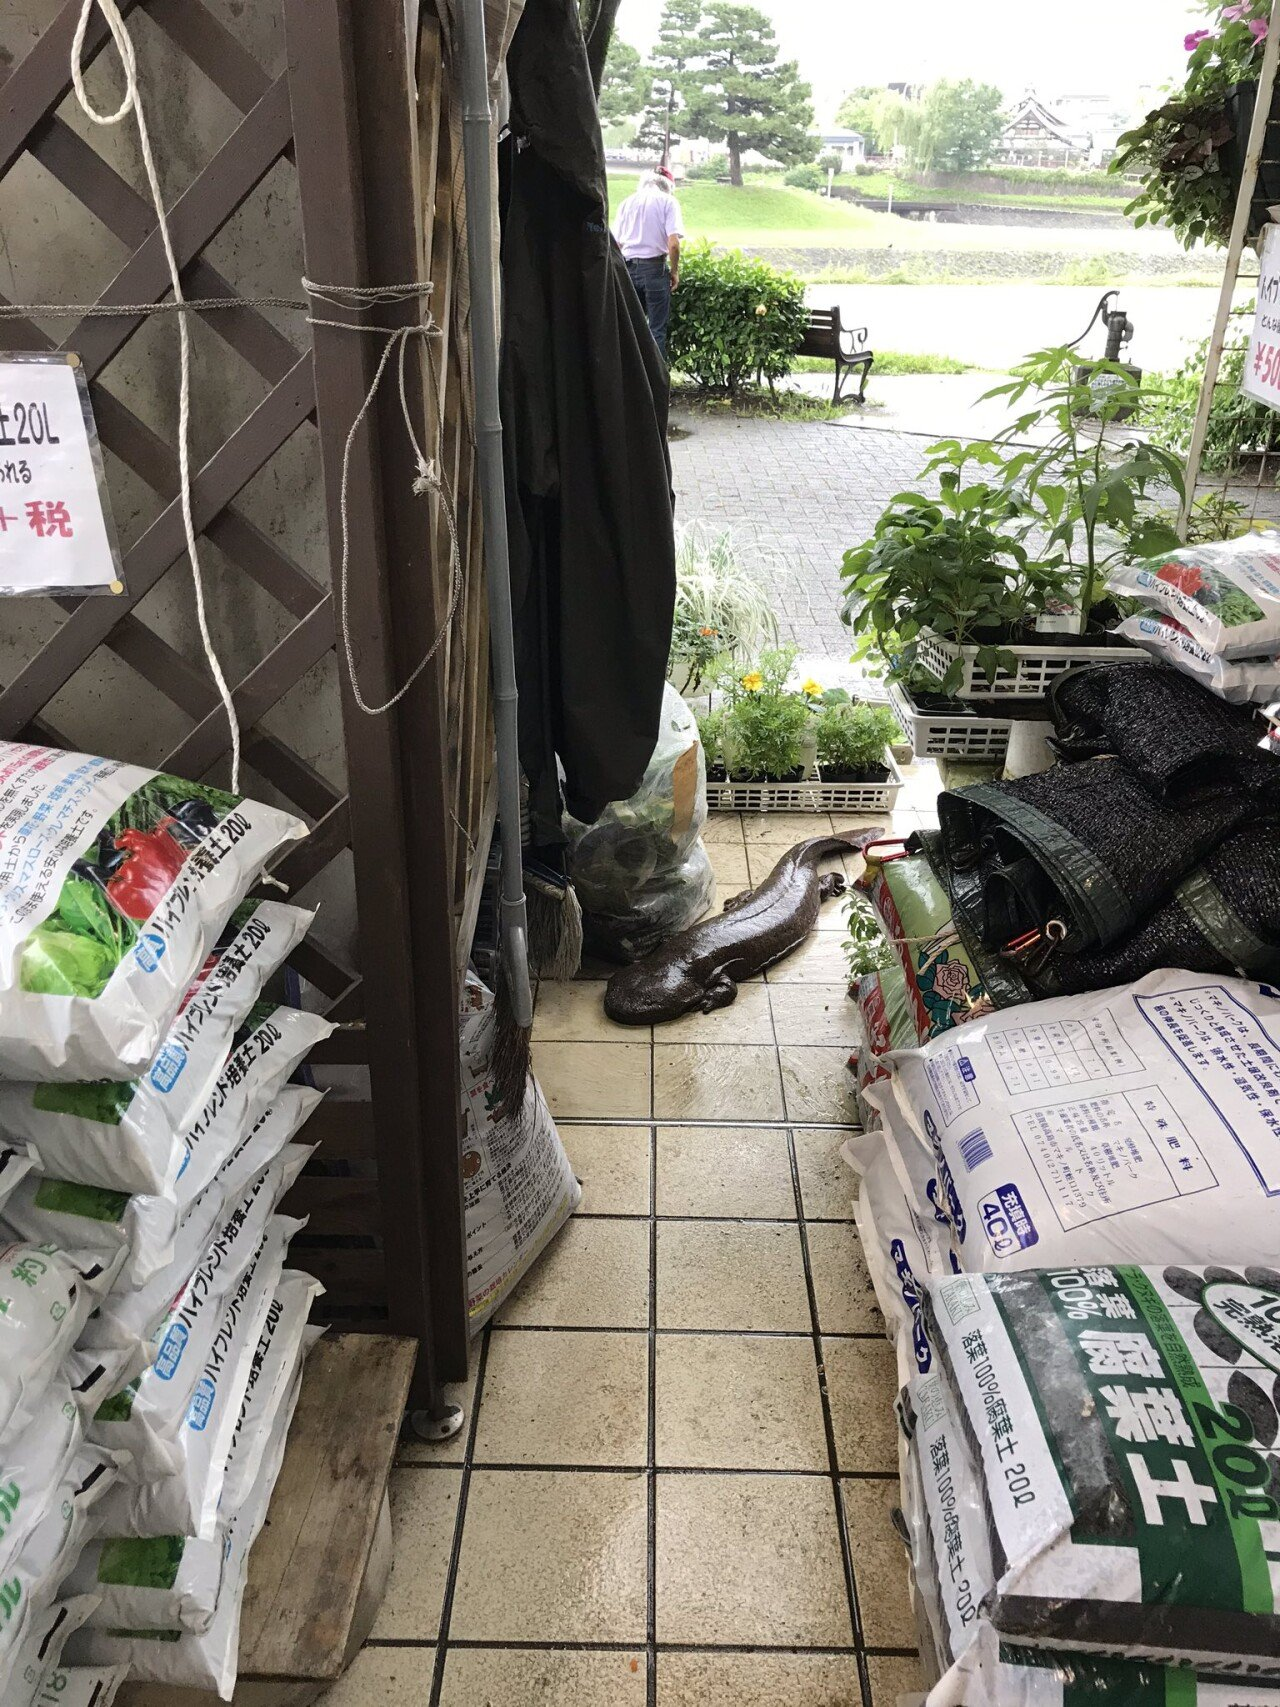 Ecm_aFhVcAEMNUm.jpg 일본 홍수물이 빠지고 나타난 이상한 녀석.jpg